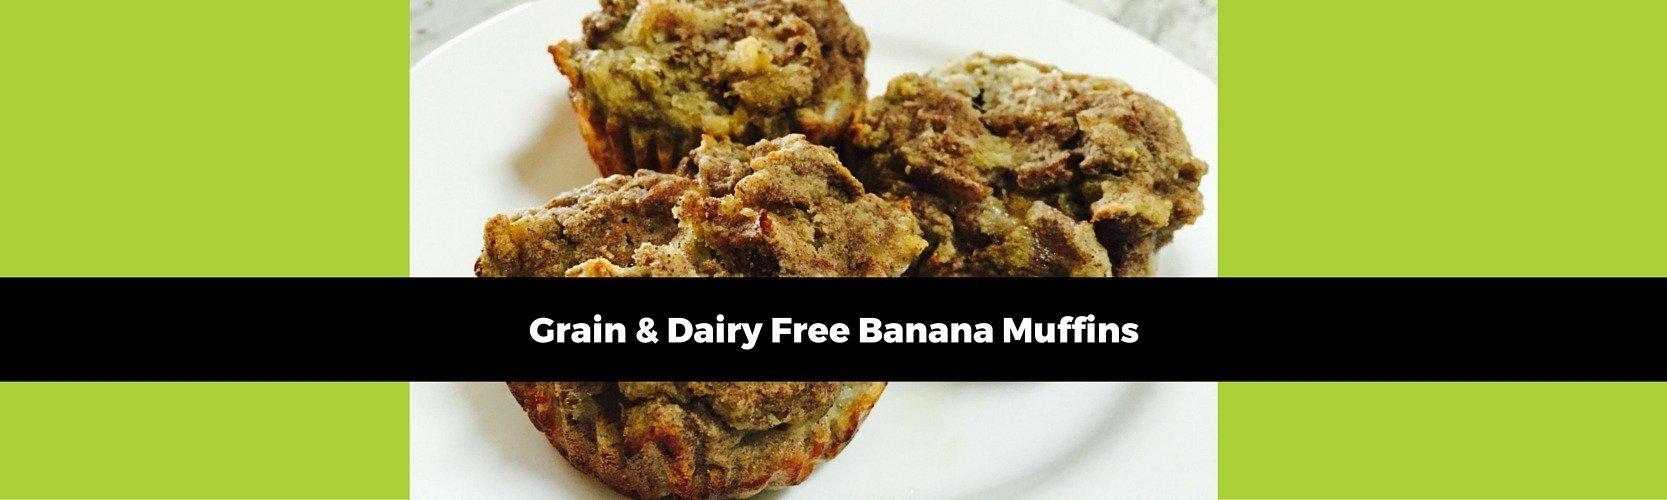 Grain & Dairy Free Banana Muffins